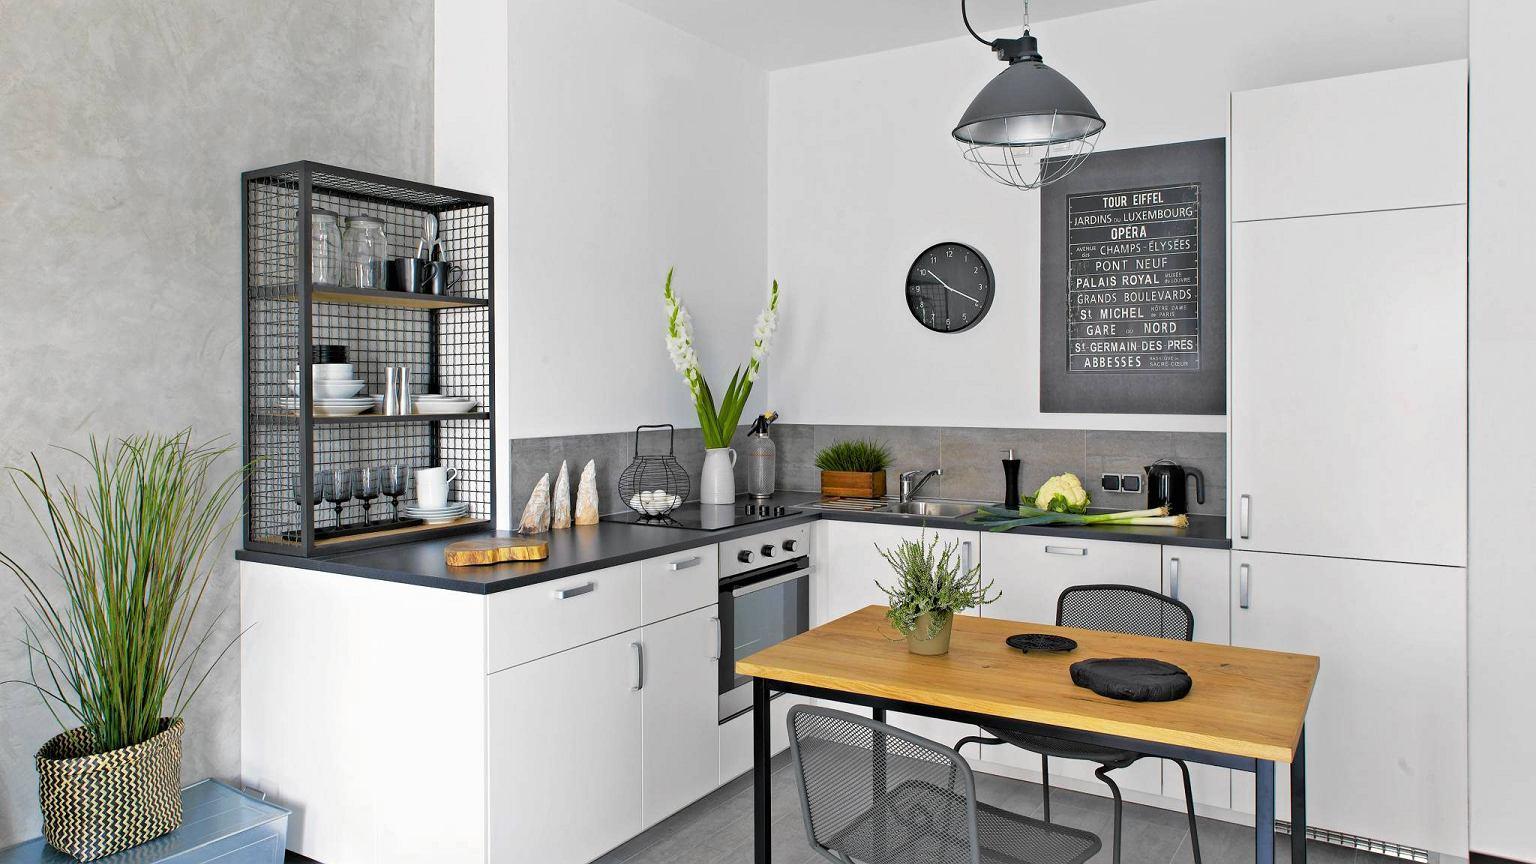 Salon z jadalnią i kuchnią nowoczesny eklektyzm w